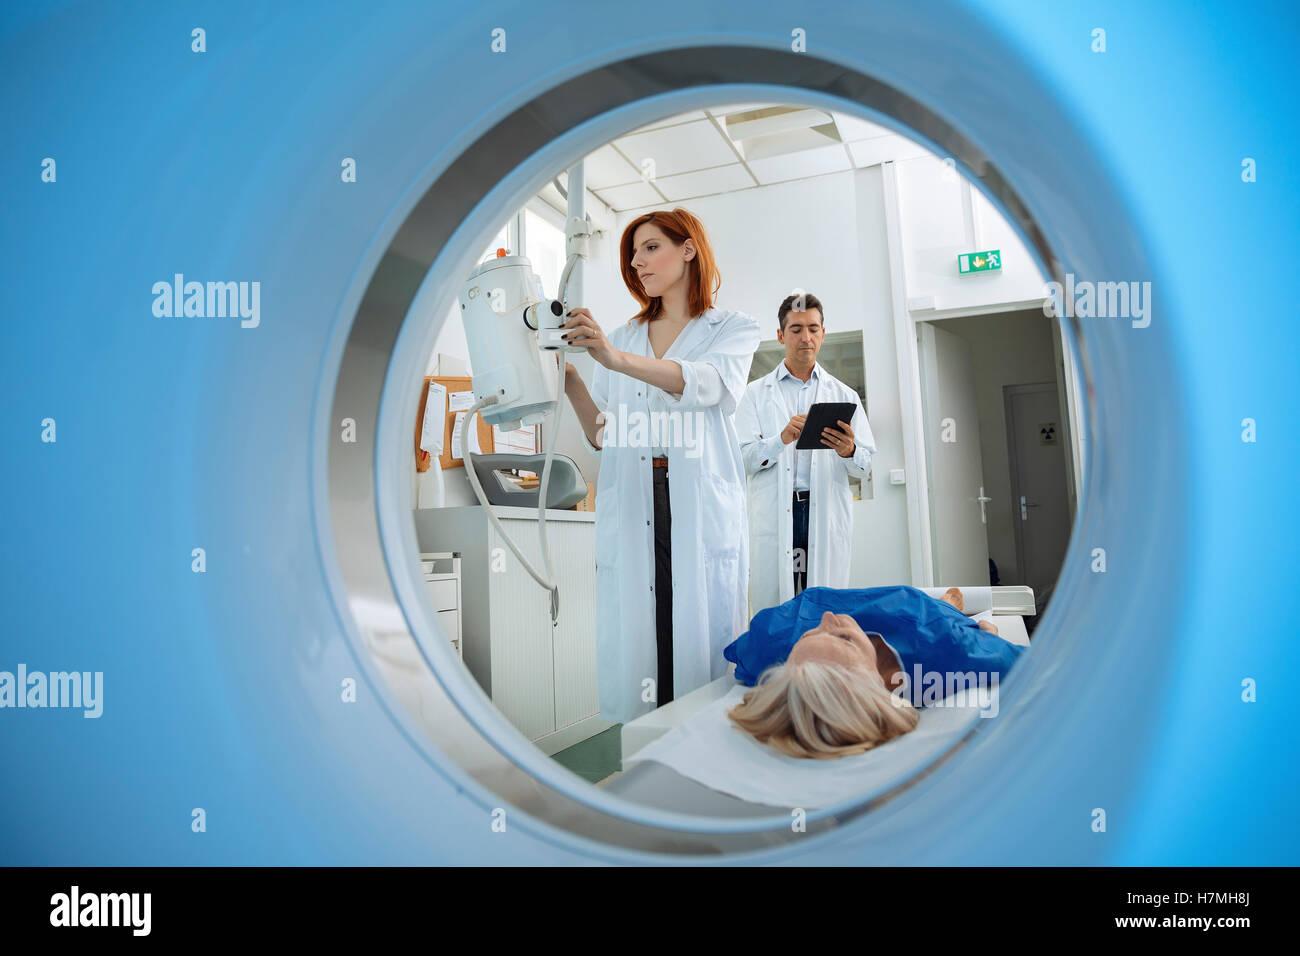 Technicien en radiologie et patient en cours de numérisation et d'un diagnostic sur Photo Stock